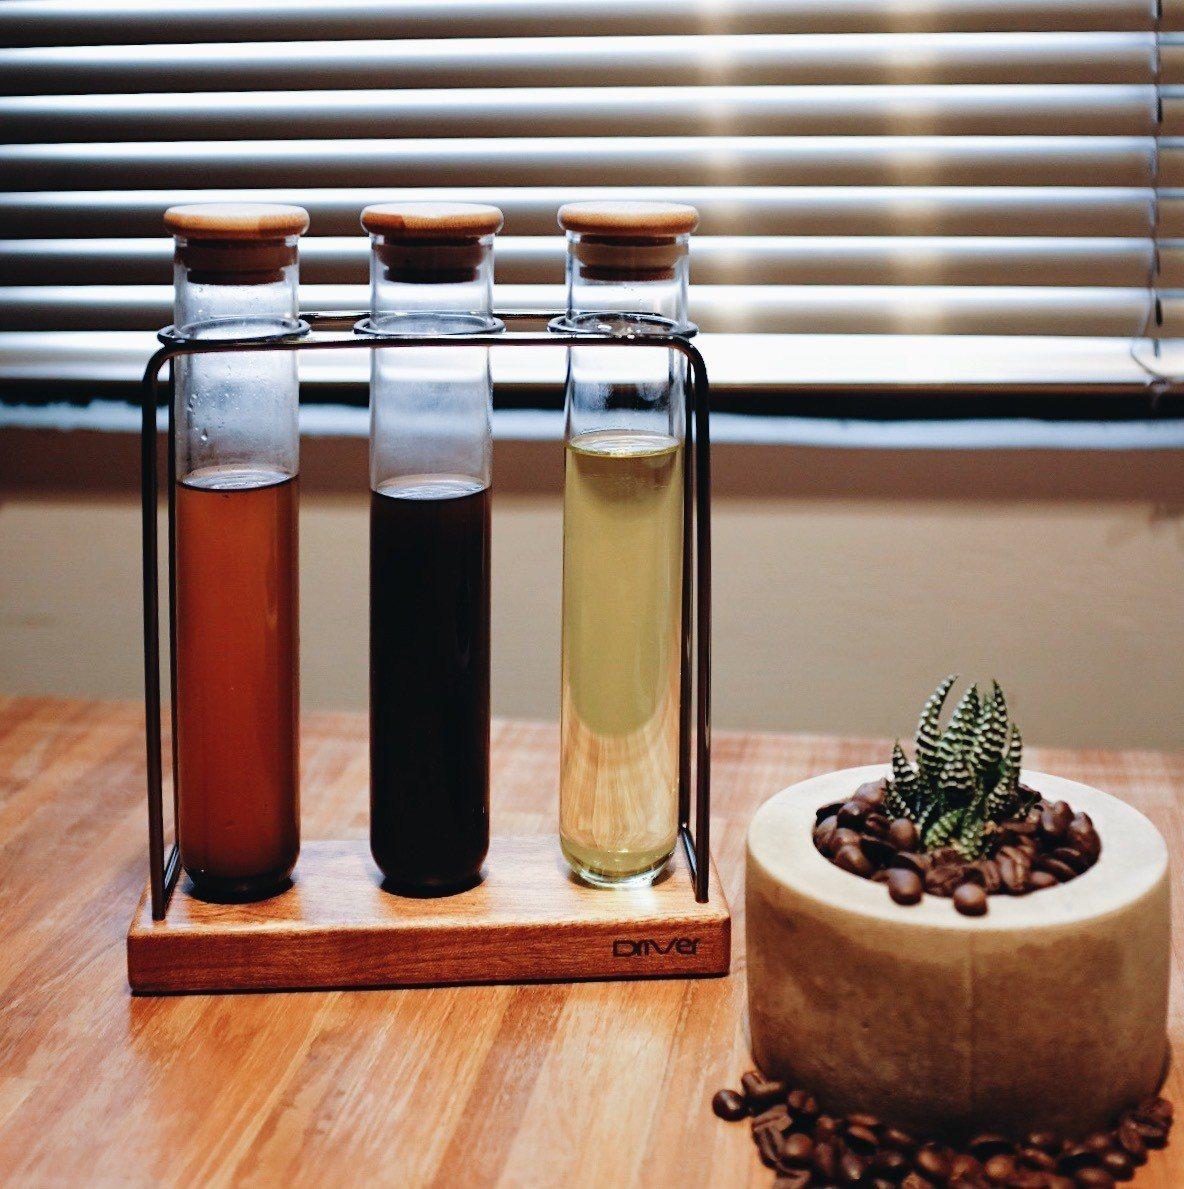 咖啡萃油從深褐色到幾近透明都有。記者沈佩臻/攝影